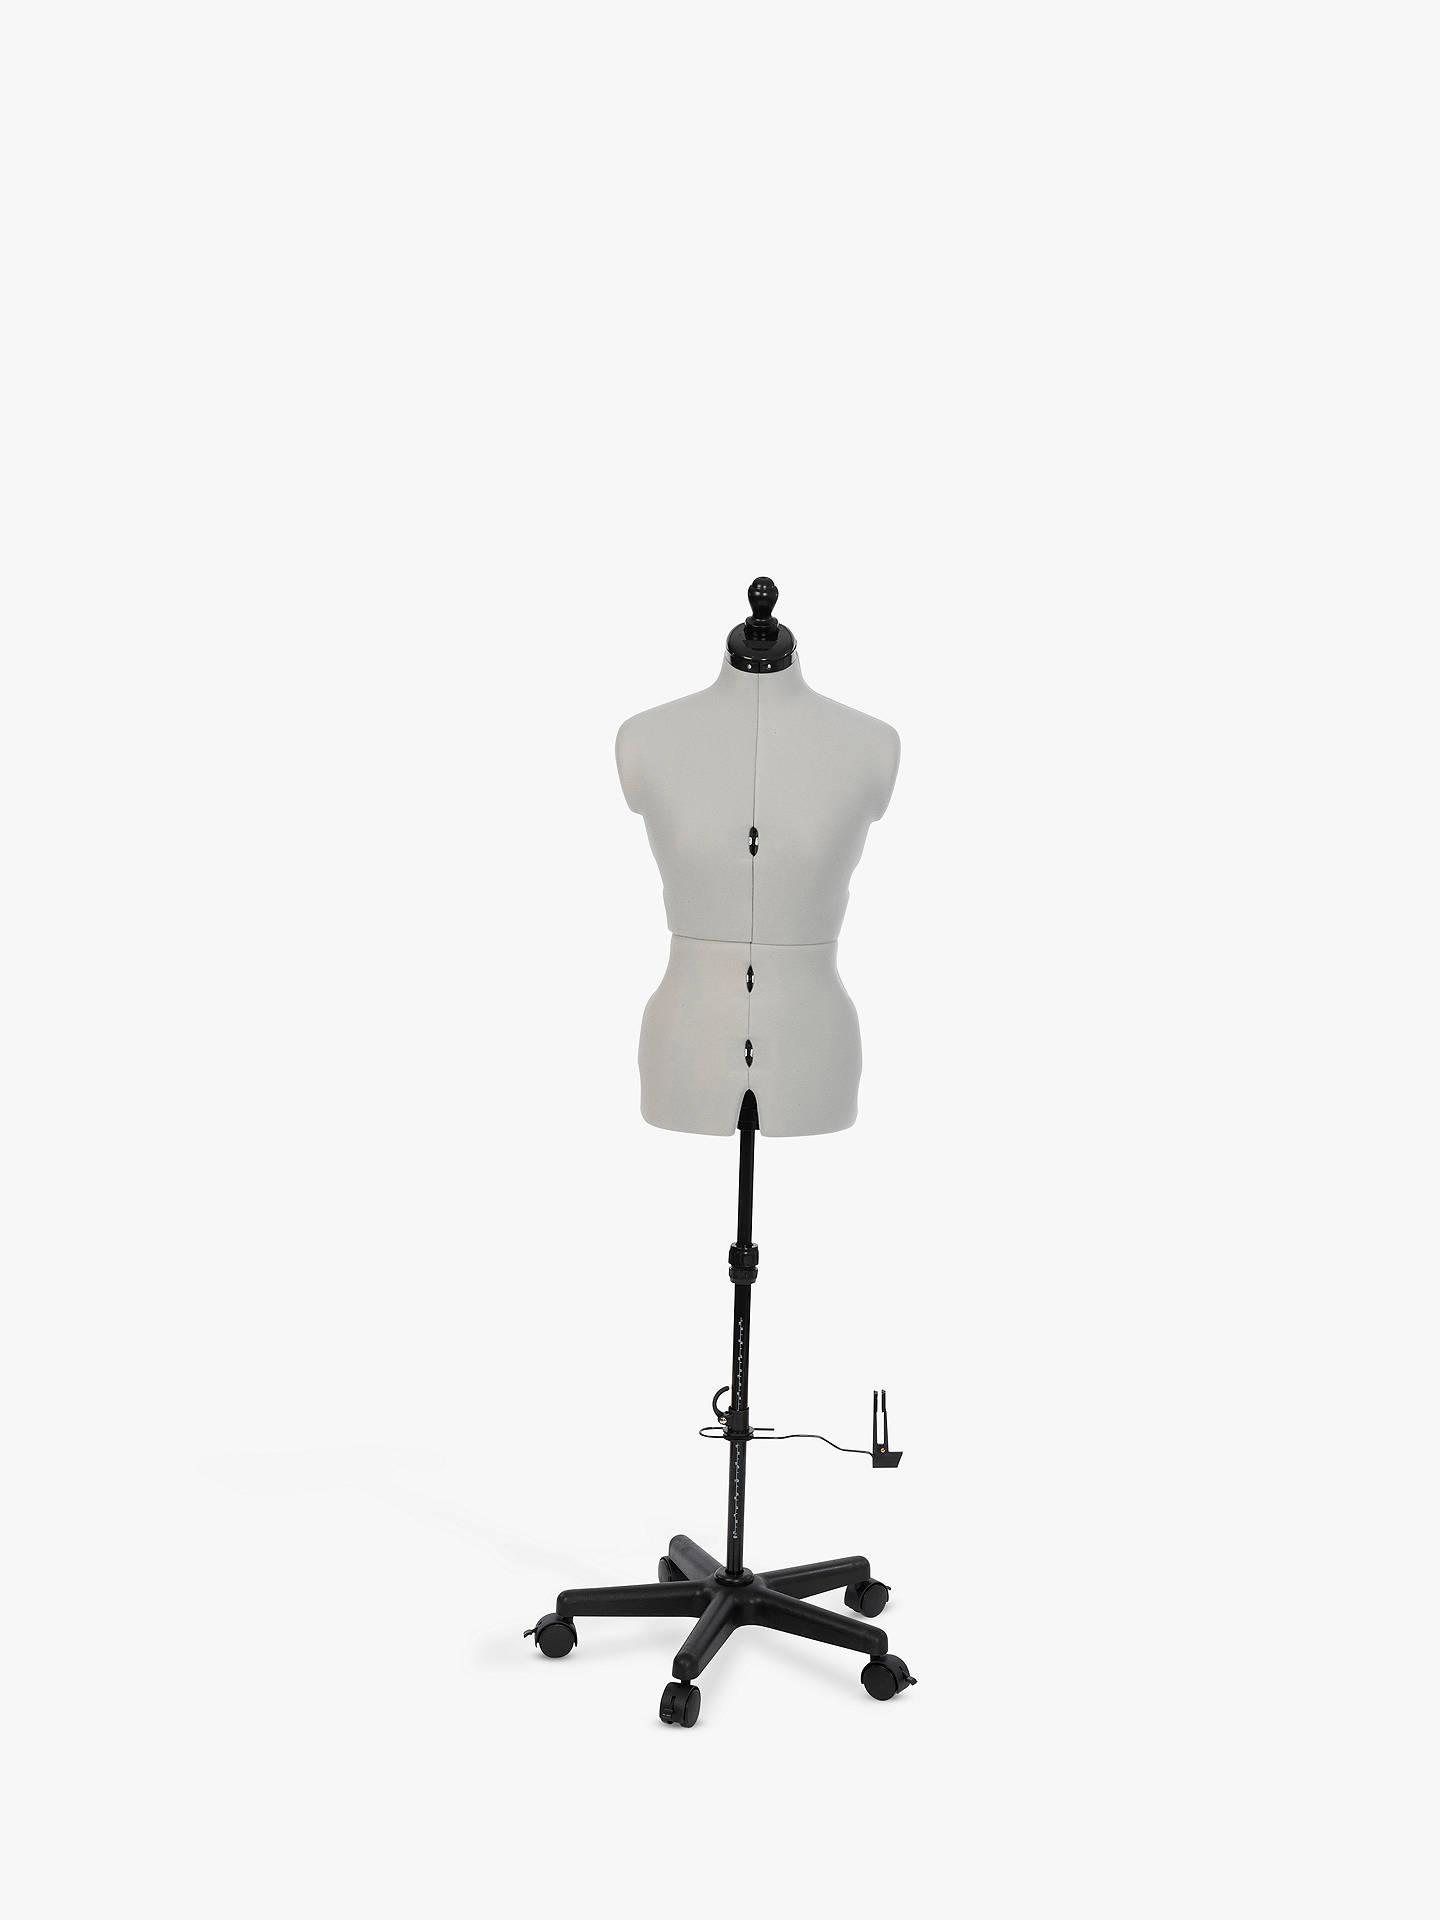 680ce1125 Adjustoform Celine Plus Dressmaking Mannequin at John Lewis   Partners